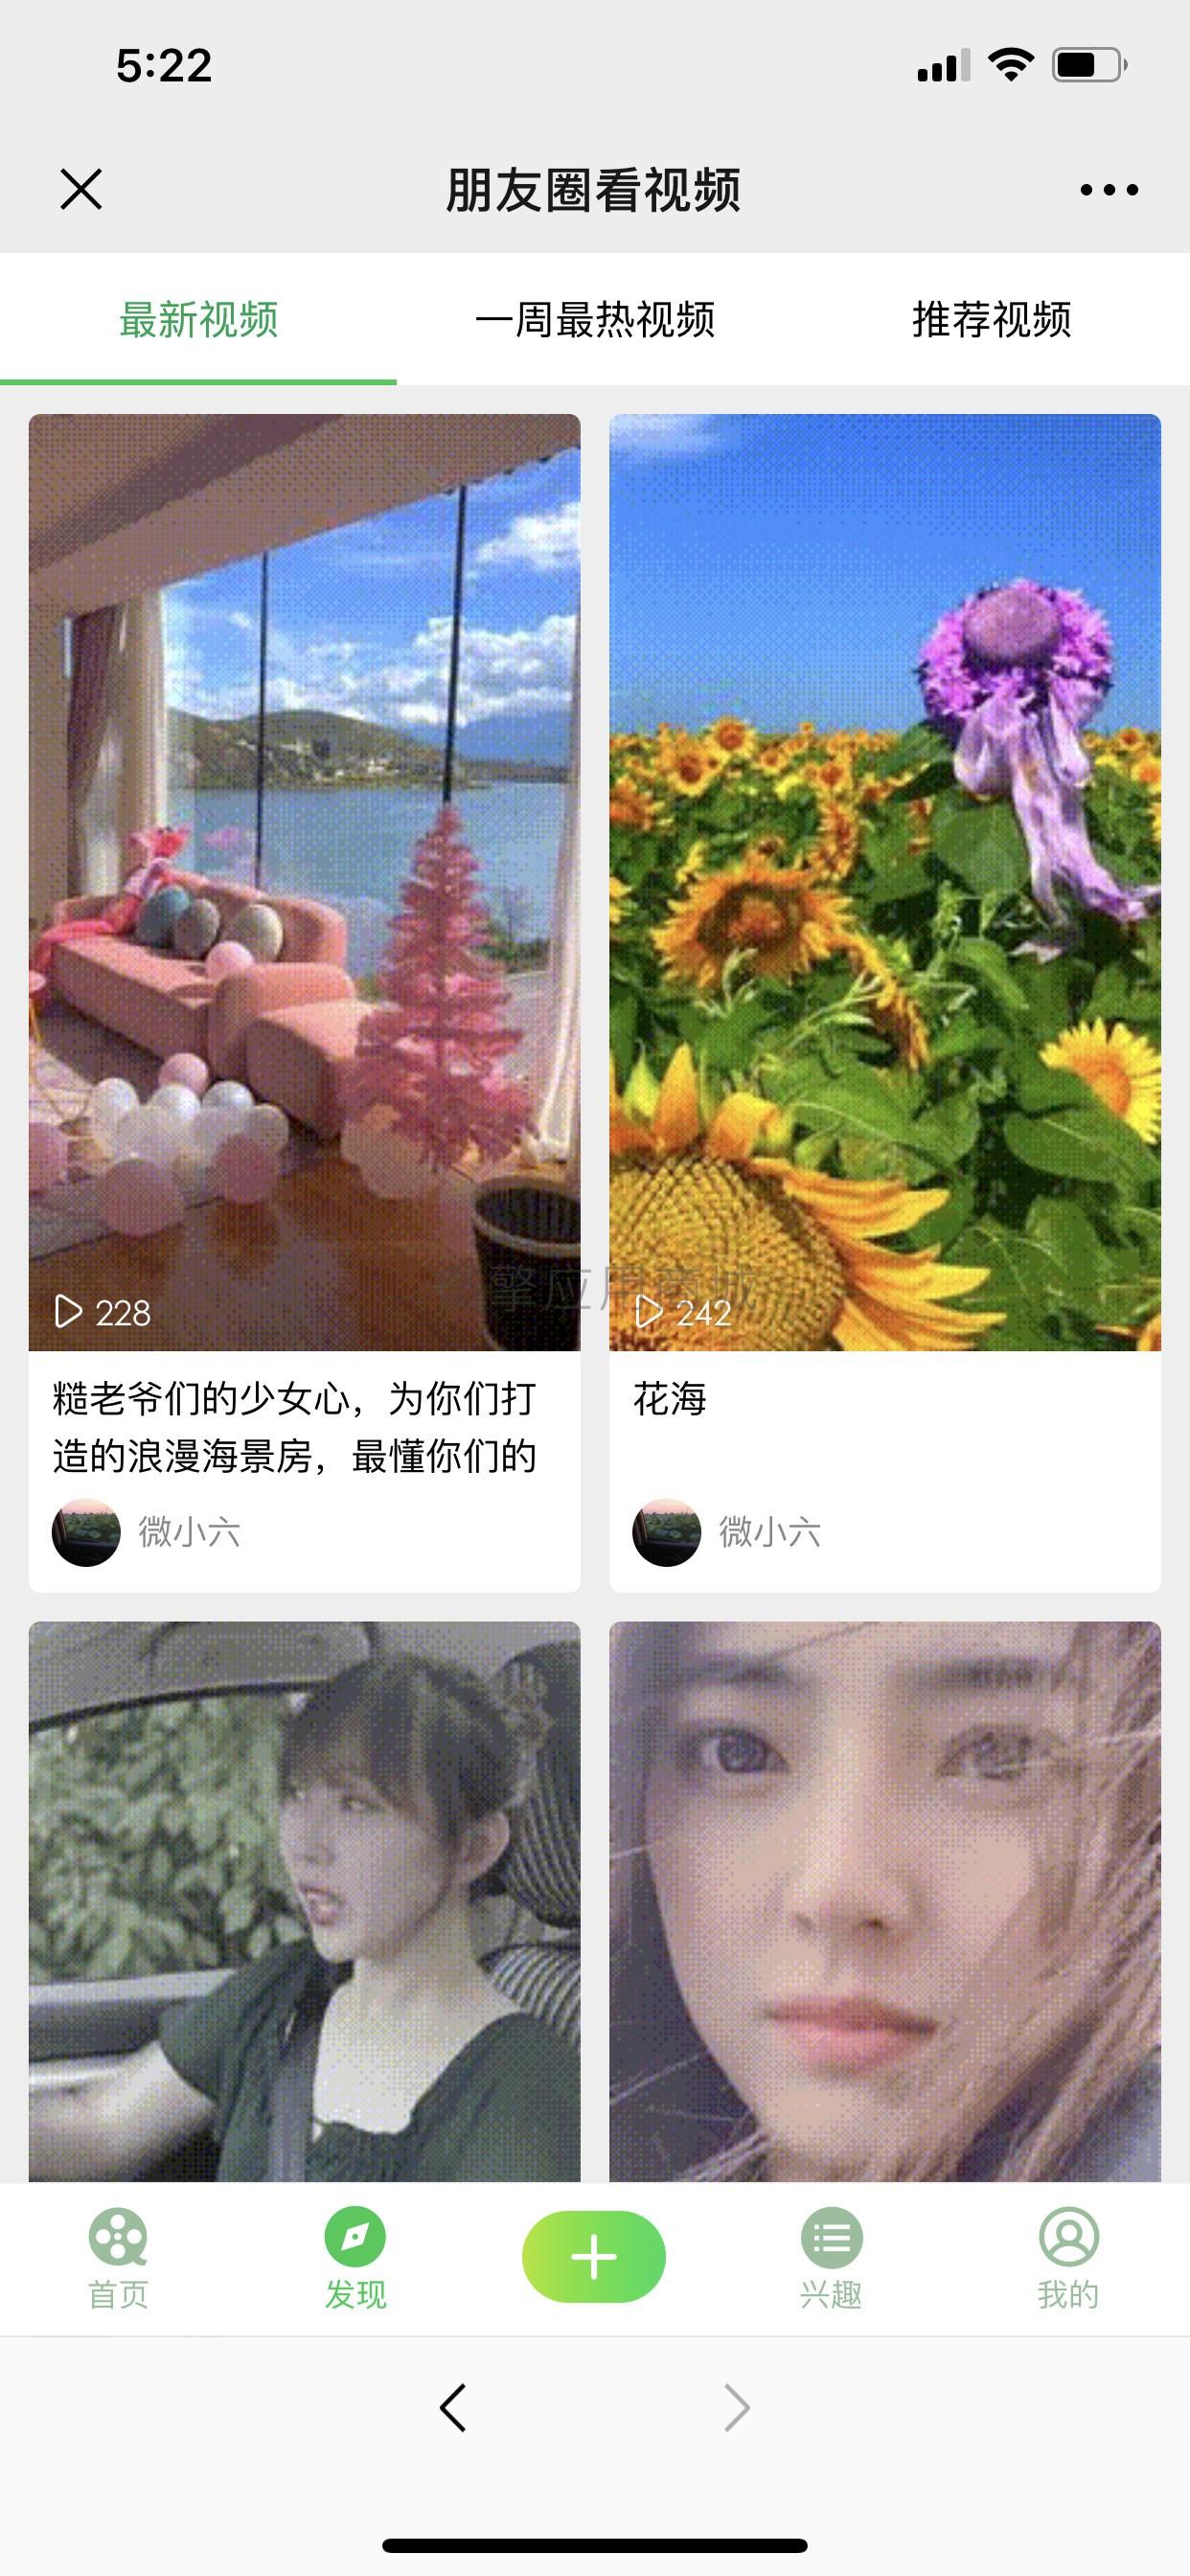 【功能模块】朋友圈看视频 zk_jqvideo 版本号:1.0.15 上传广告图片及二维码图片时初始默认改为满屏裁切插图2